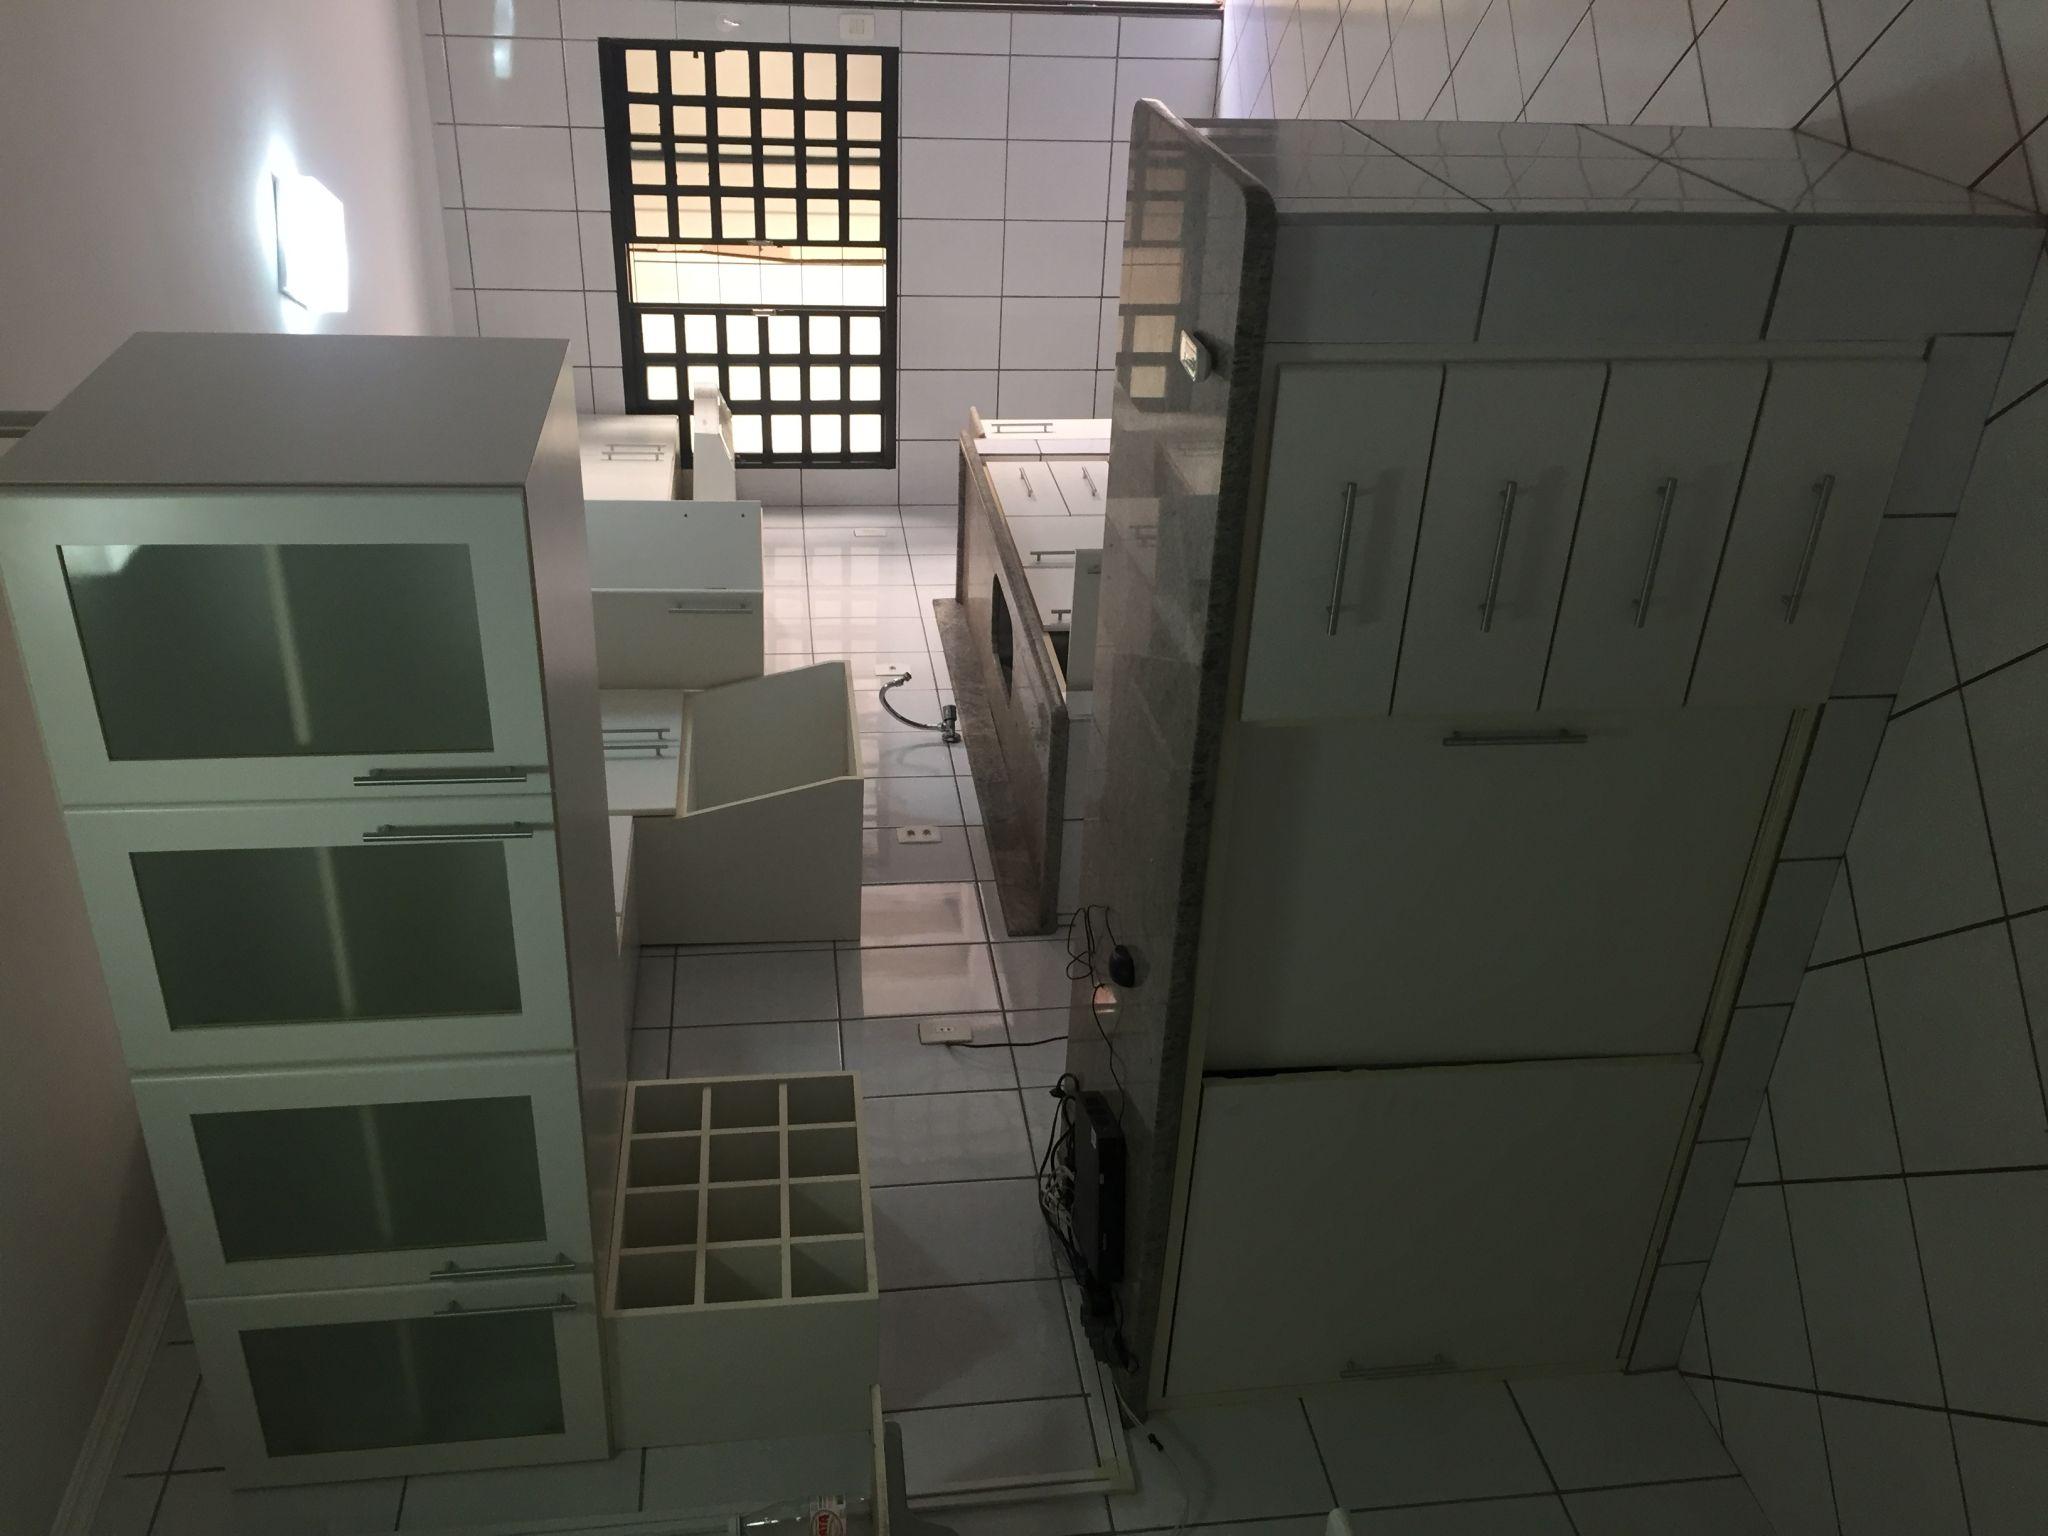 365 - Casa Parque anhanguera 189 m²